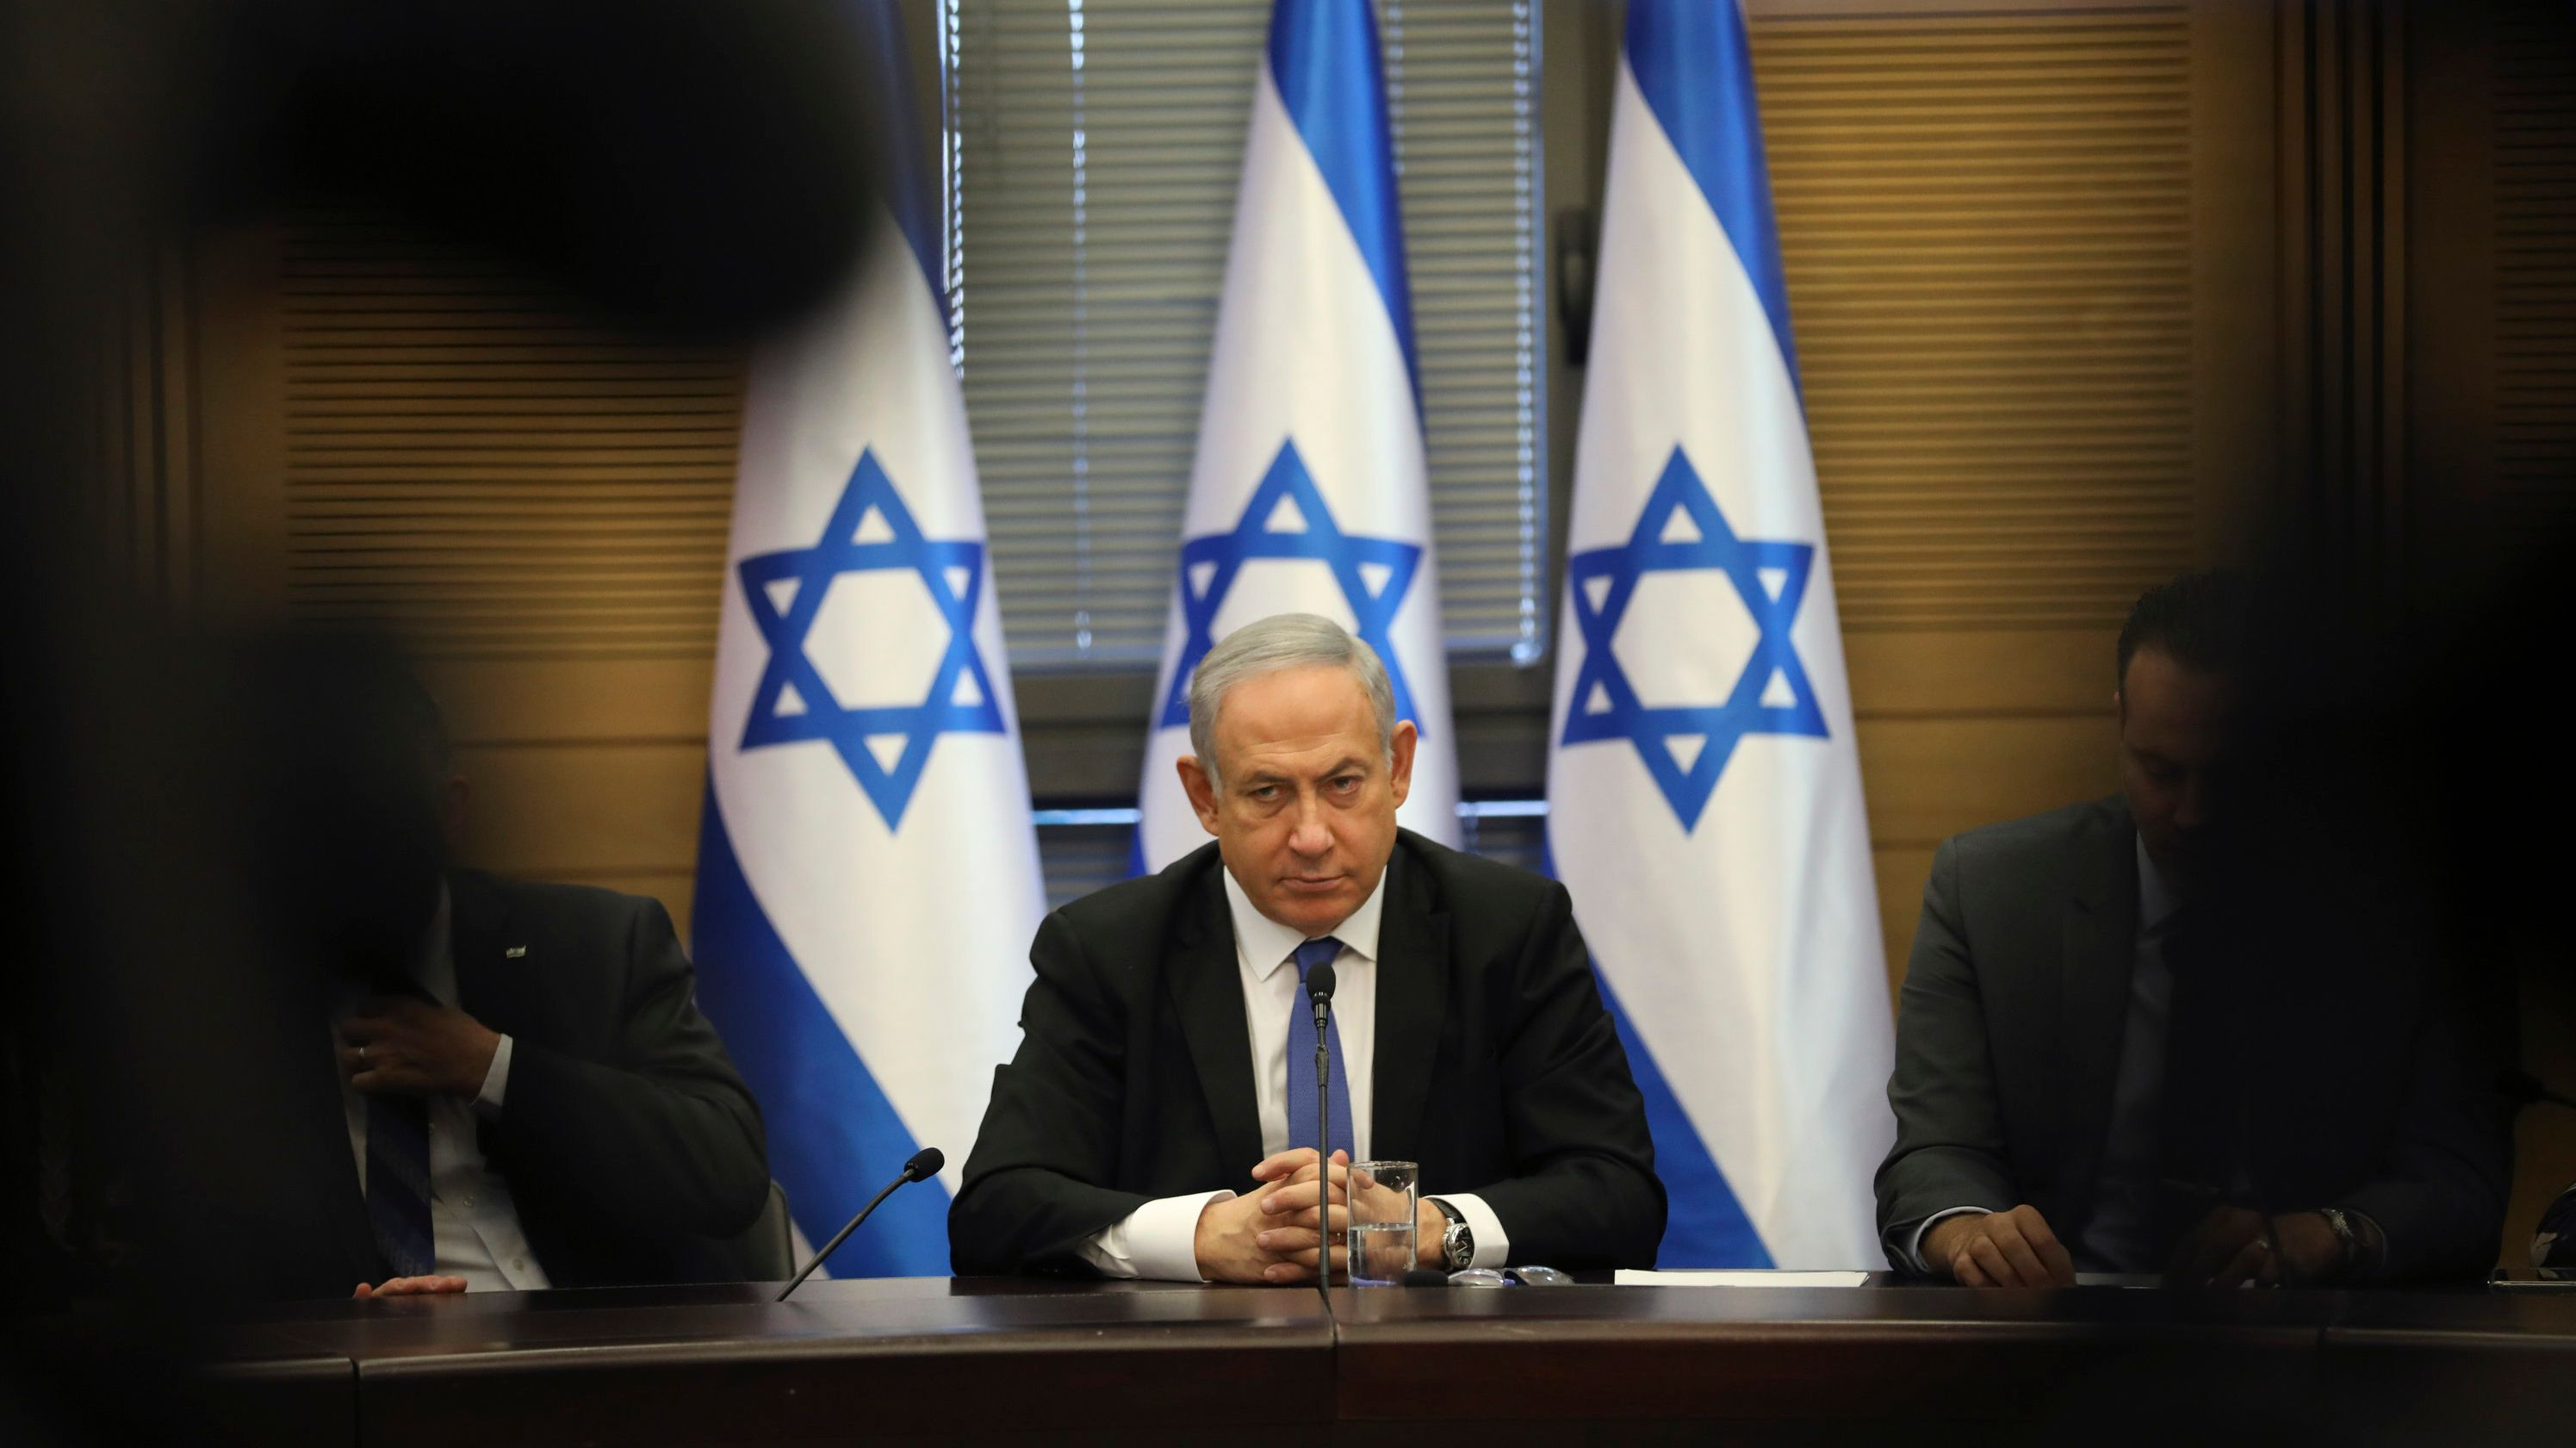 Benjamin Netanjahu, Premierminister von Israel, nimmt an einer Fraktionssitzung der Mitglieder des rechten Blocks teil.